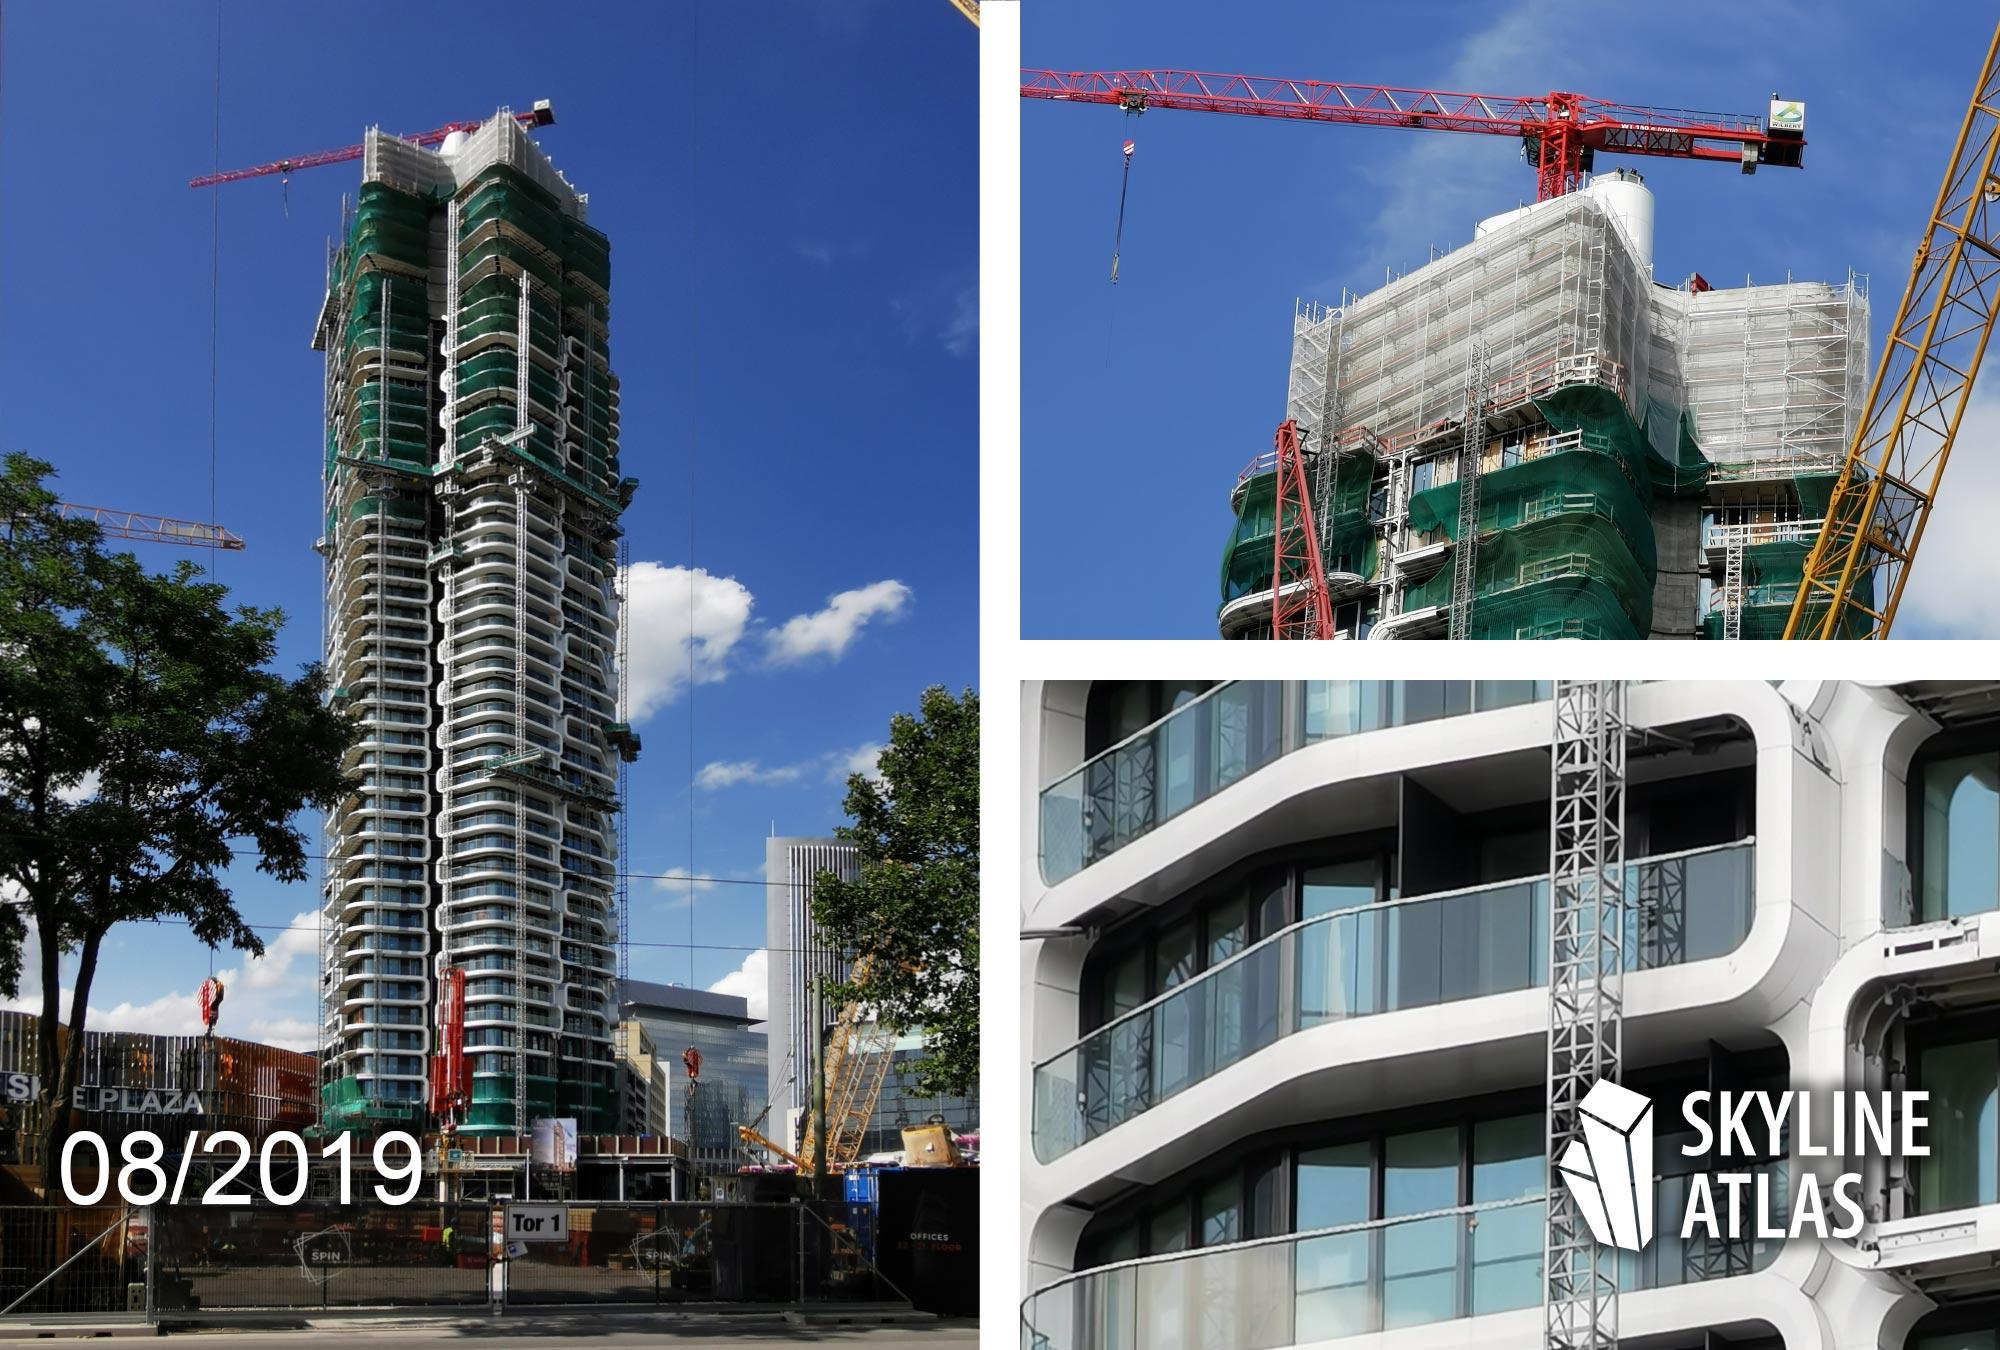 Foto Grand Tower Frankfurt - Architekt Magnus Kaminiarz - Projektentwickler GSP Städtebau - Wohnturm - Deutschlands höchstes Wohnhochhaus - Baustelle im August 2019